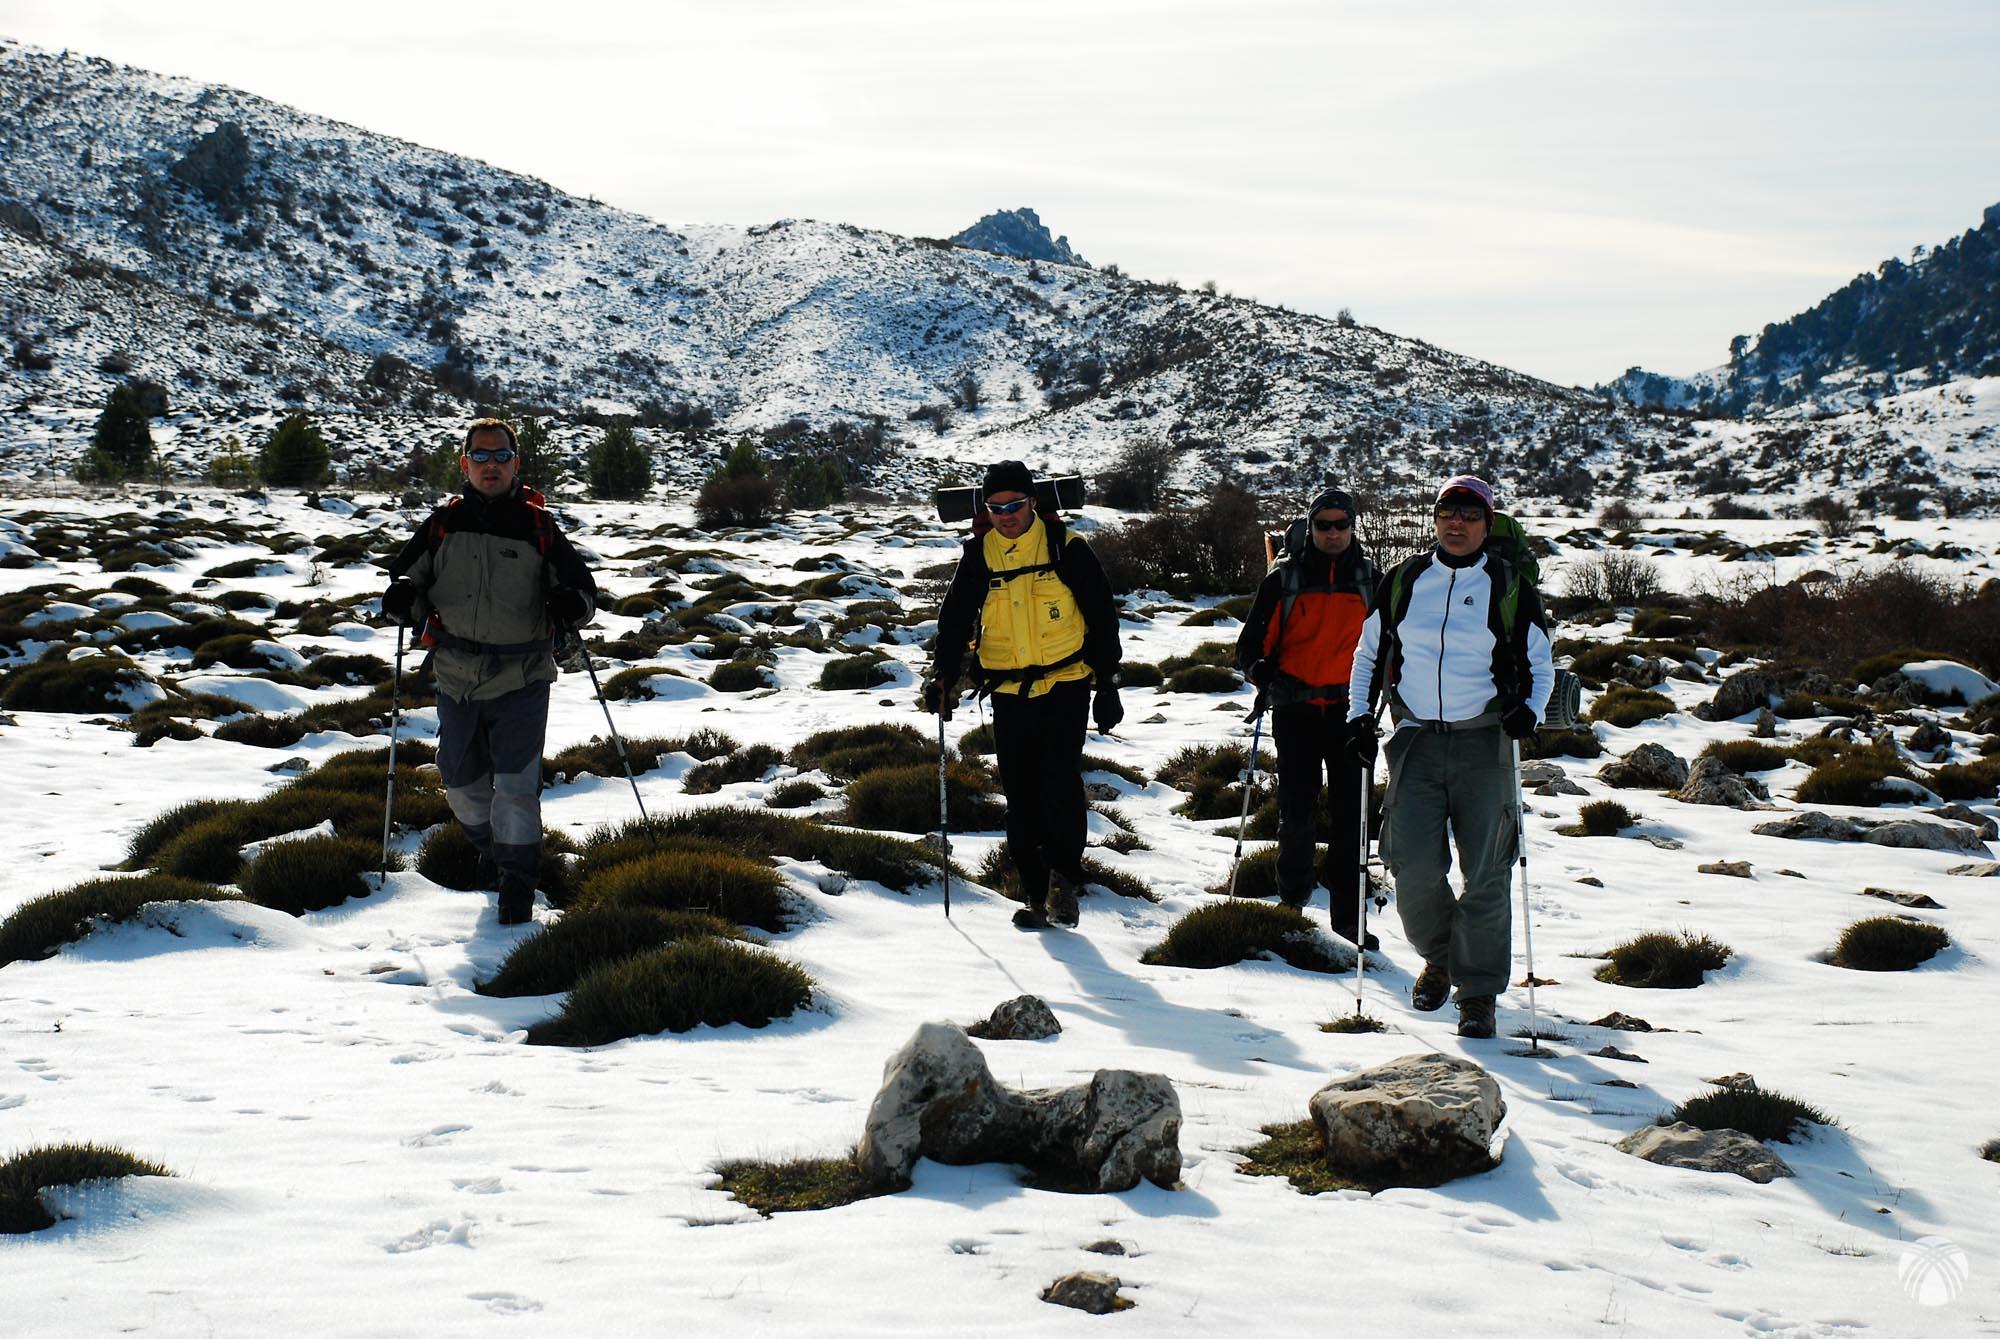 Nieve dura en perfecto estado